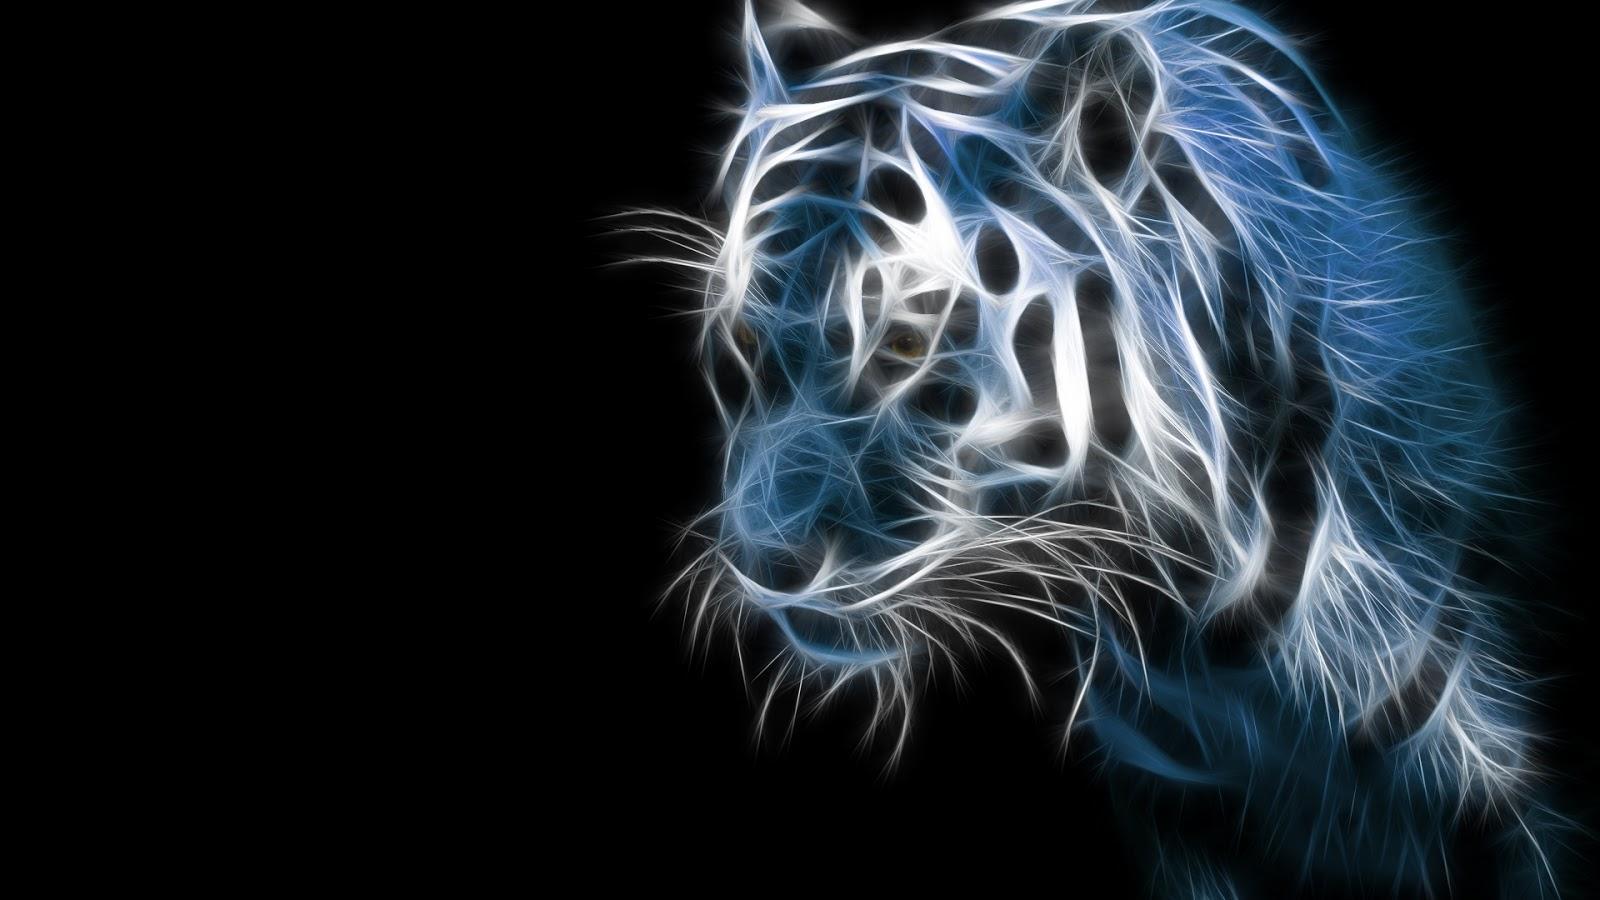 Tiger wallpaper tiger wallpapers tigers wallpaper tigers 1600x900